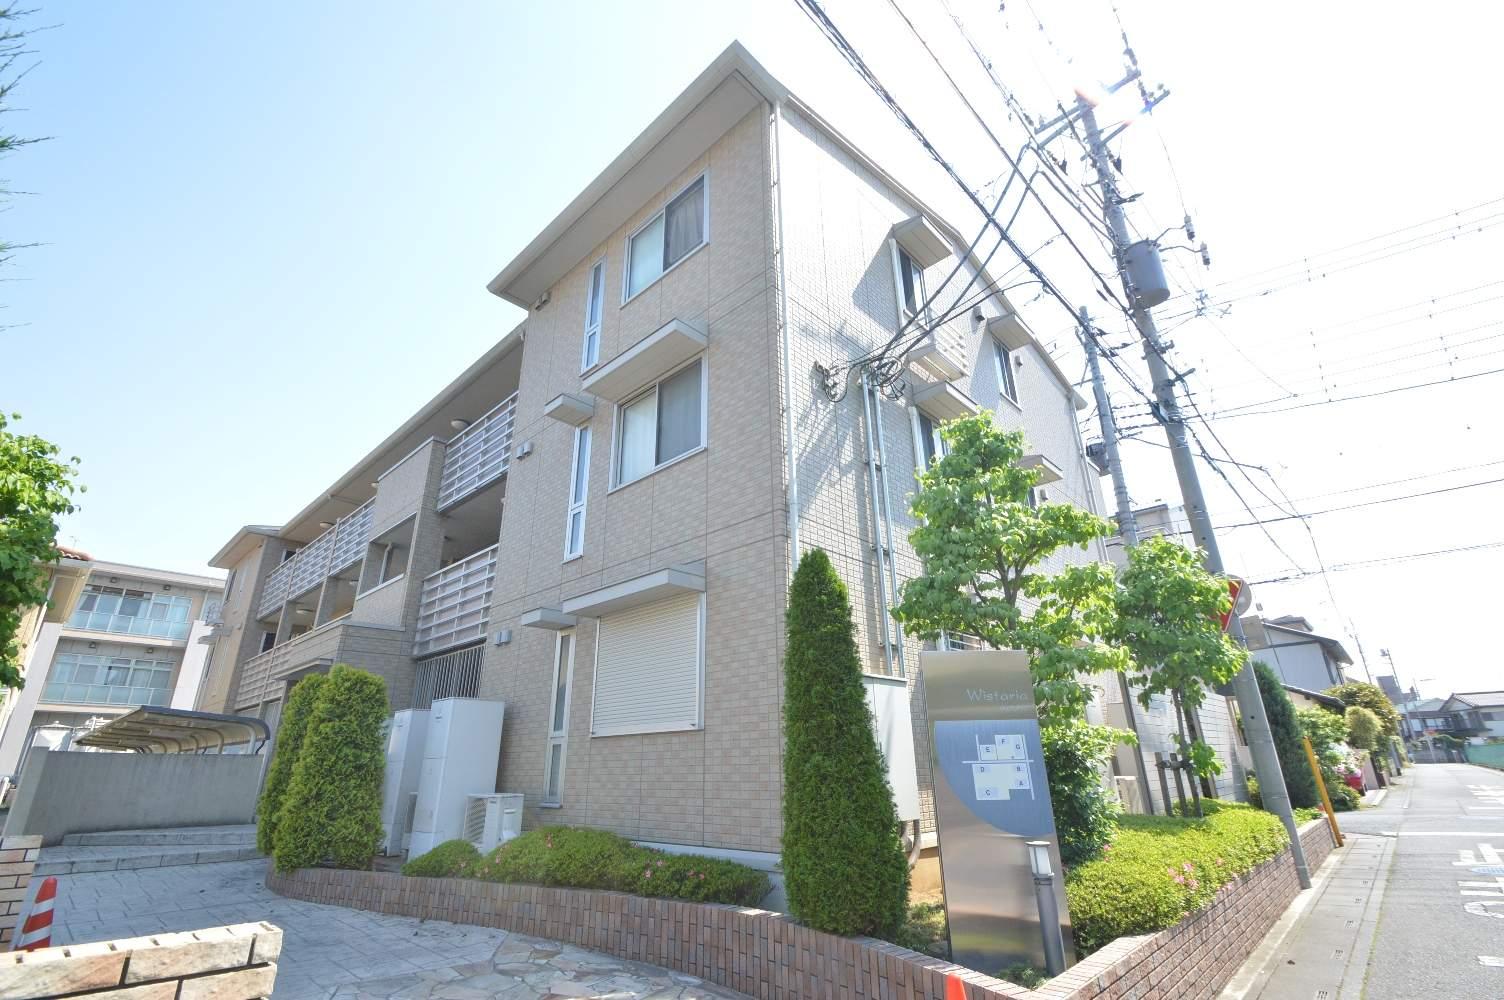 埼玉県さいたま市大宮区、北与野駅徒歩30分の築7年 3階建の賃貸アパート